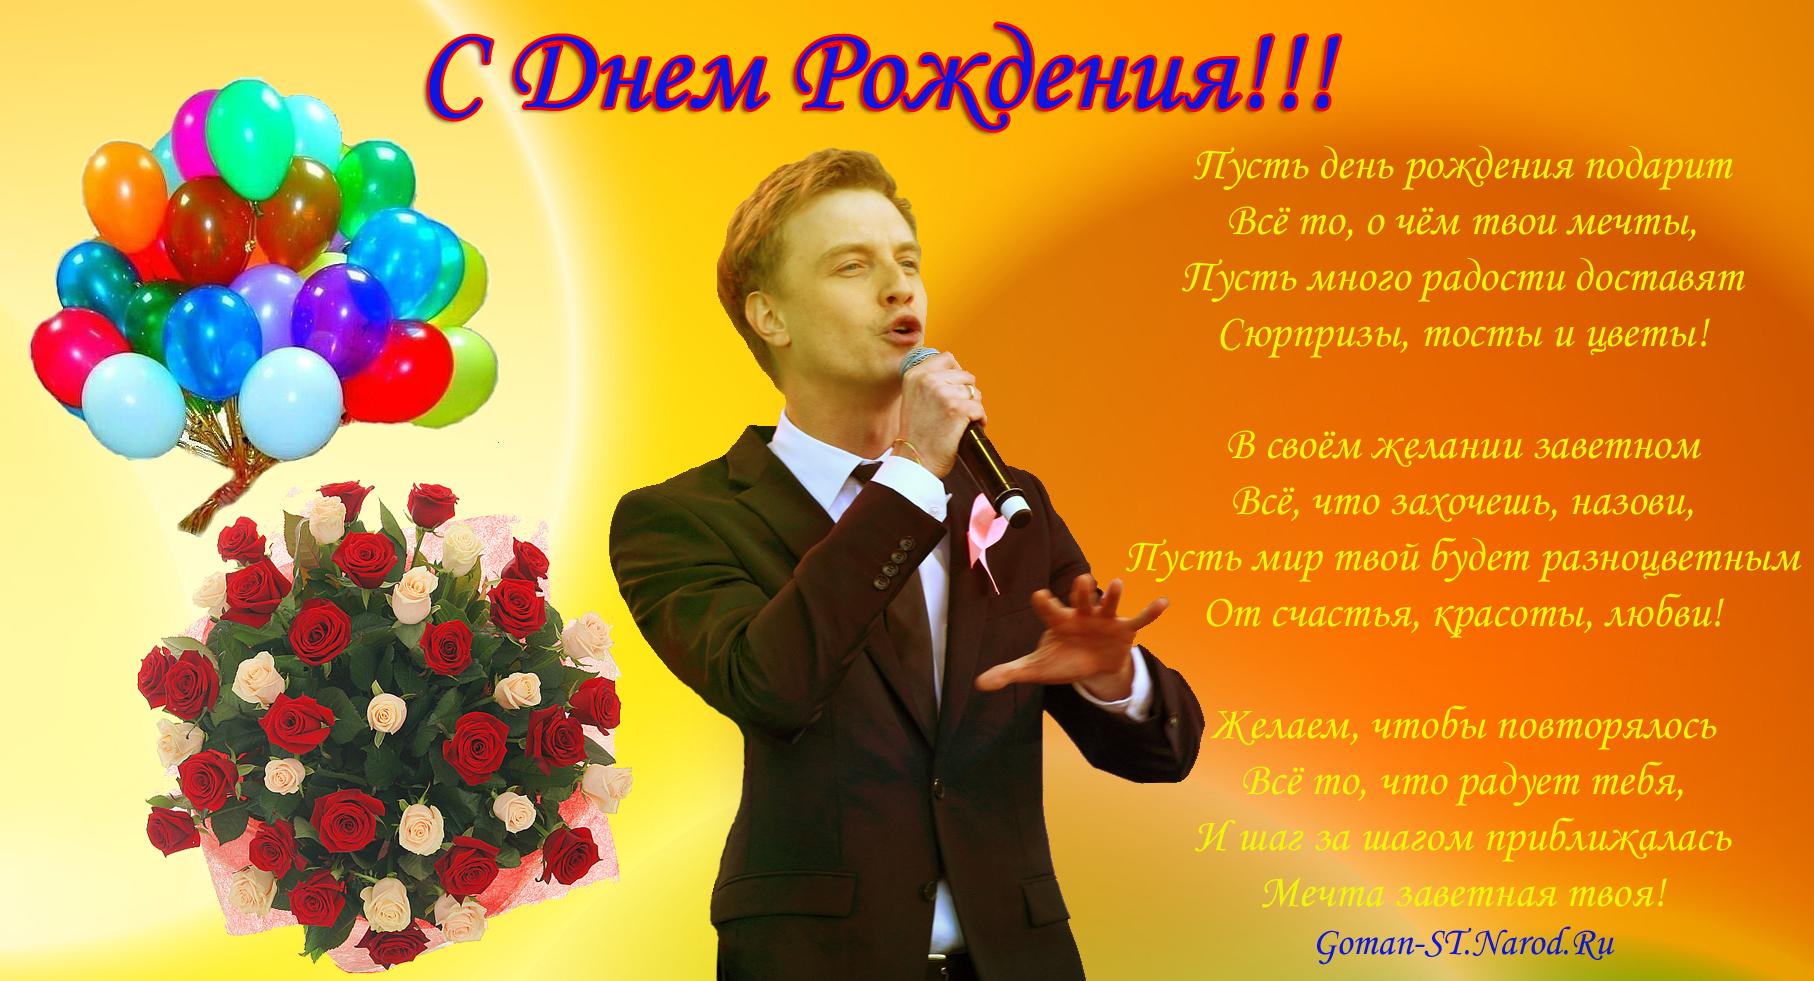 Поздравления с днем рождения Алексею - Поздравок 22